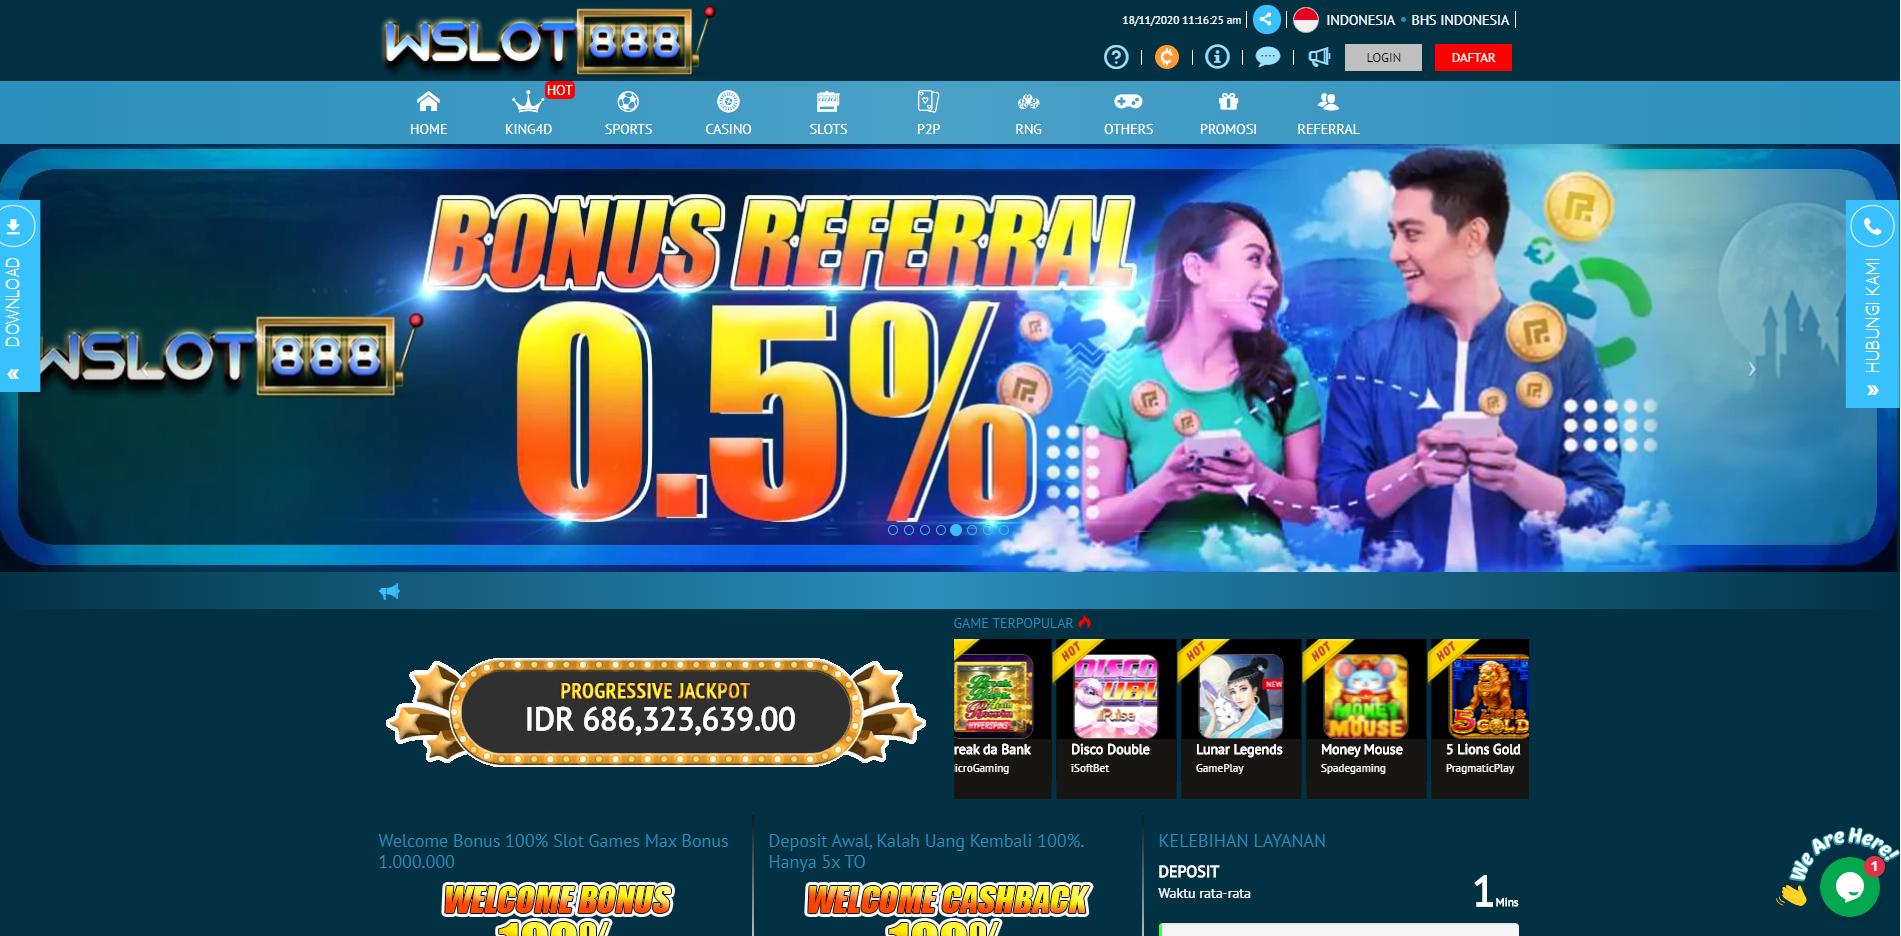 Wslot888 Deposit Slot Pakai Pulsa Telkomsel 10rb Tanpa Potongan Profile Softraid Forum